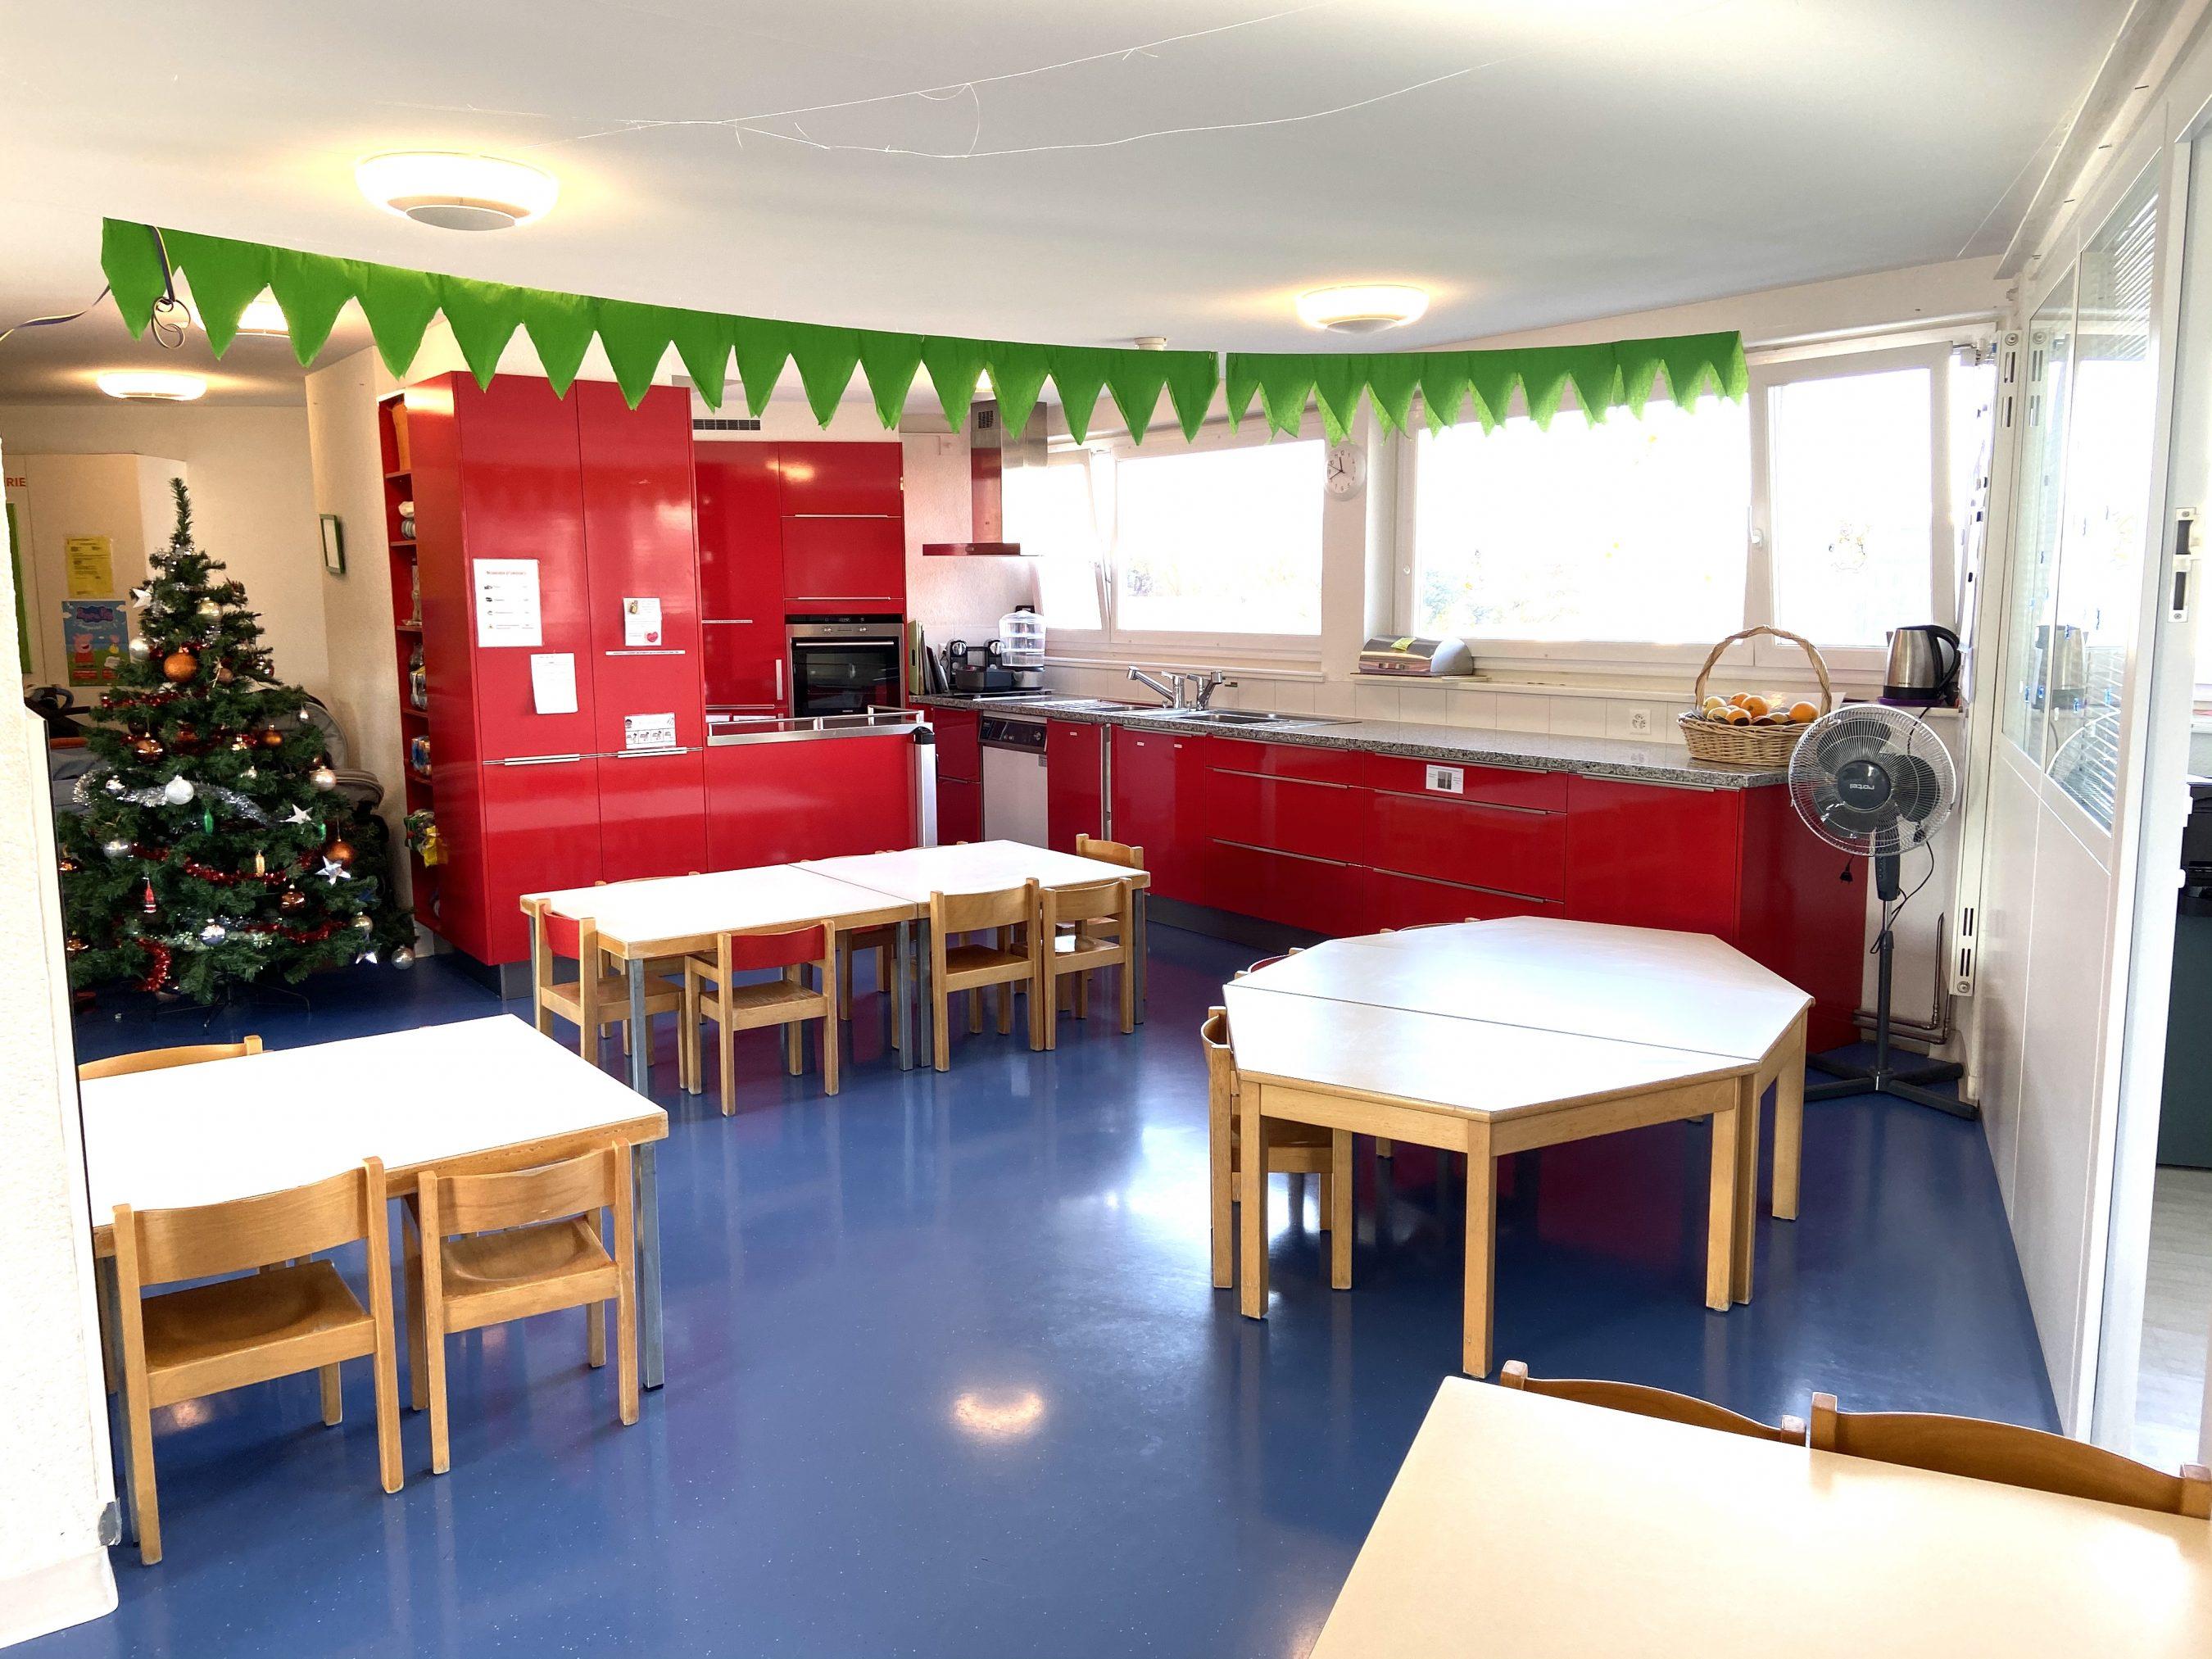 Cuisine et salle à manger de L'Attique